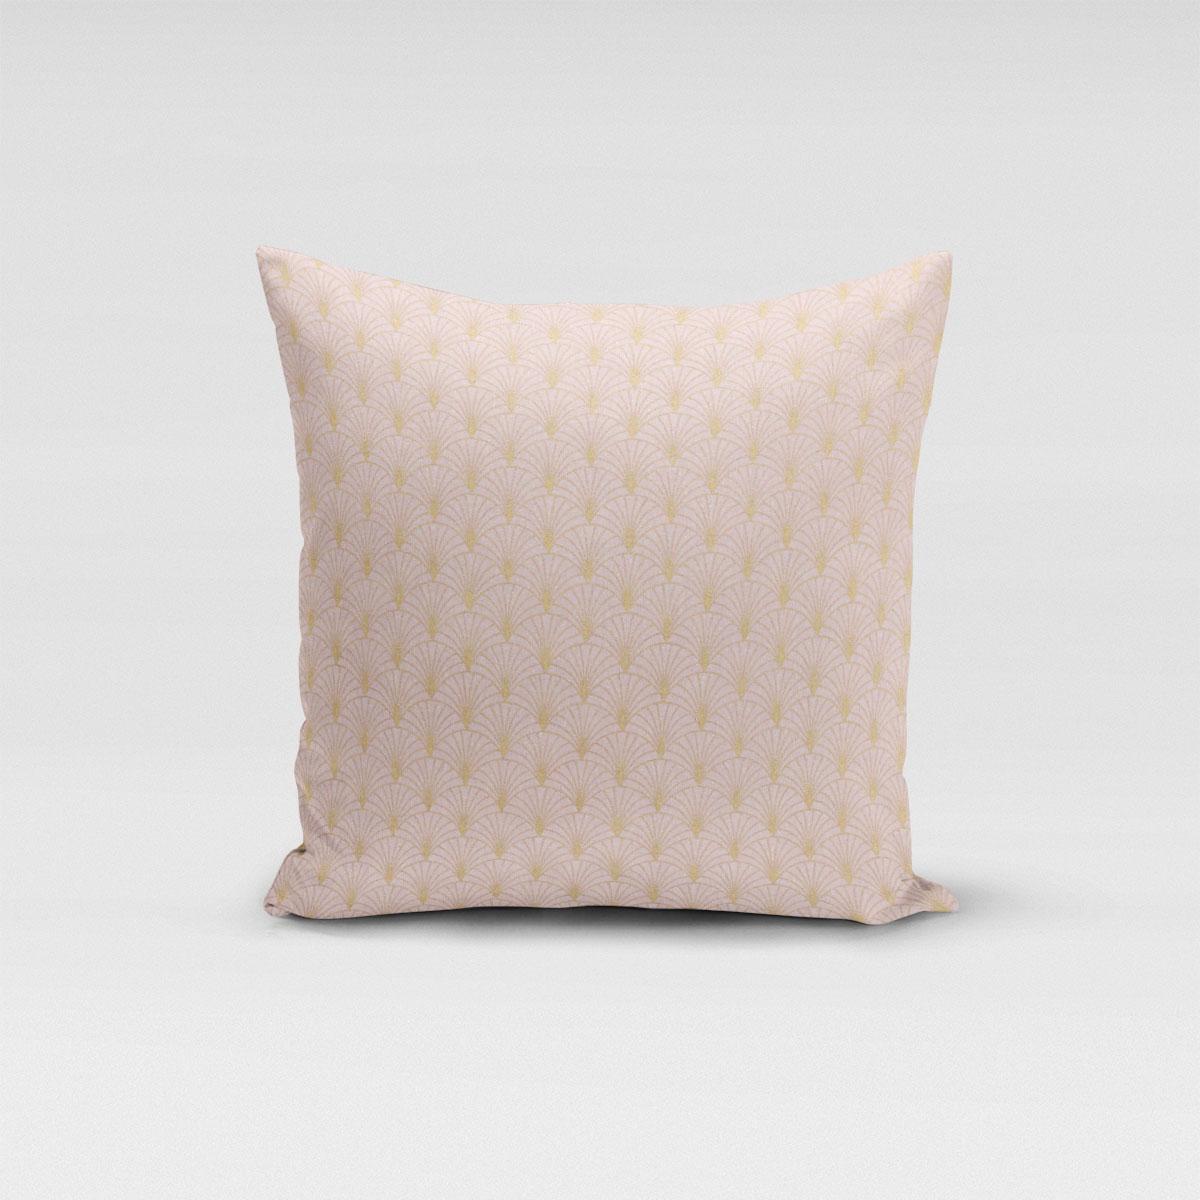 SCHÖNER LEBEN. Kissenhülle Glamour Schuppen Fächer rosa gold verschiedene Größen